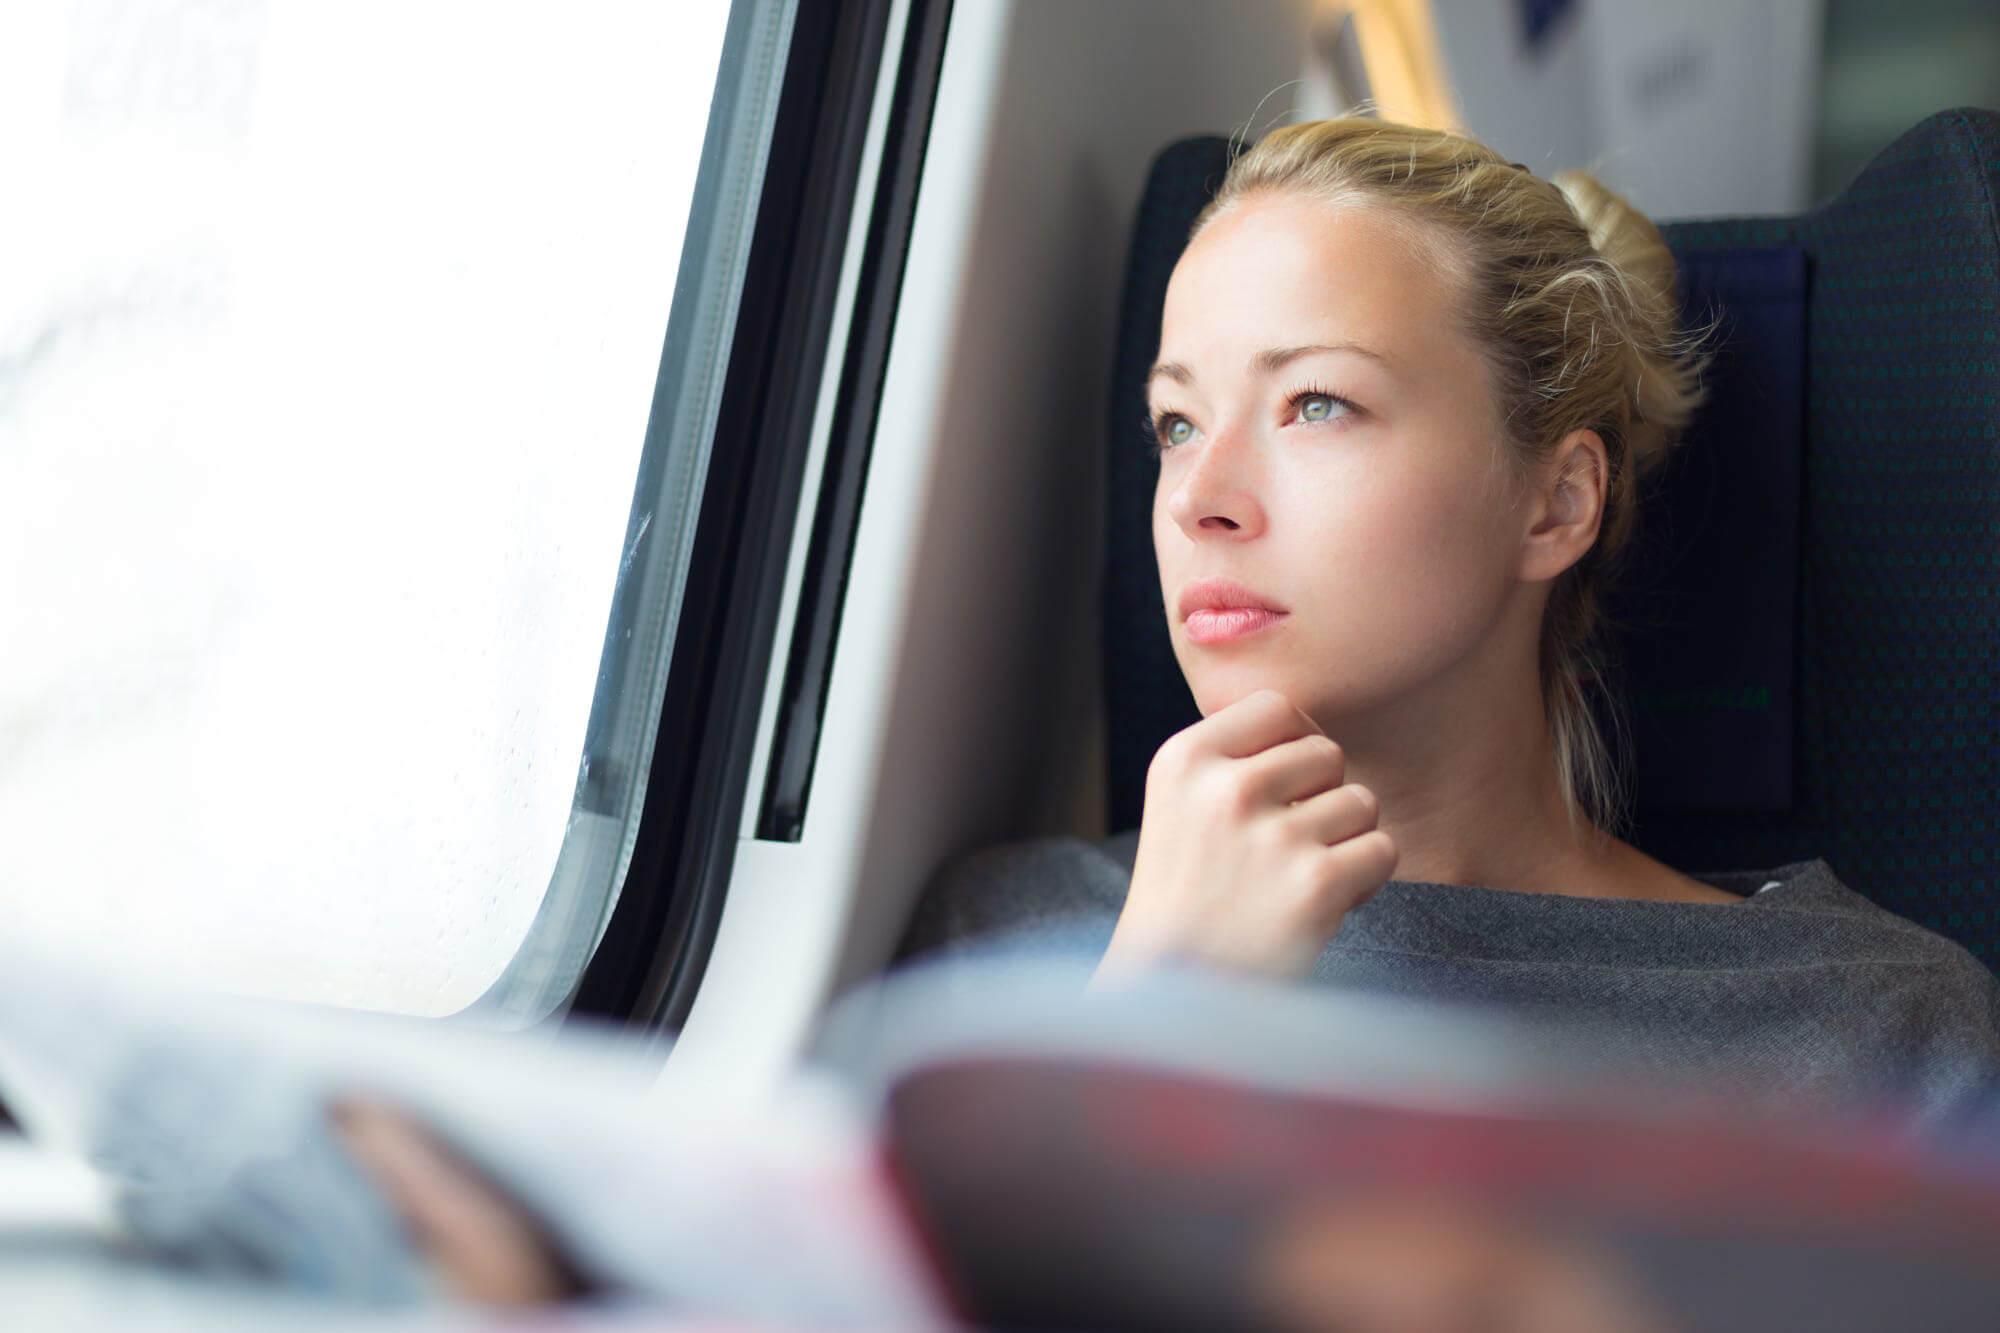 Поездка в автобусе